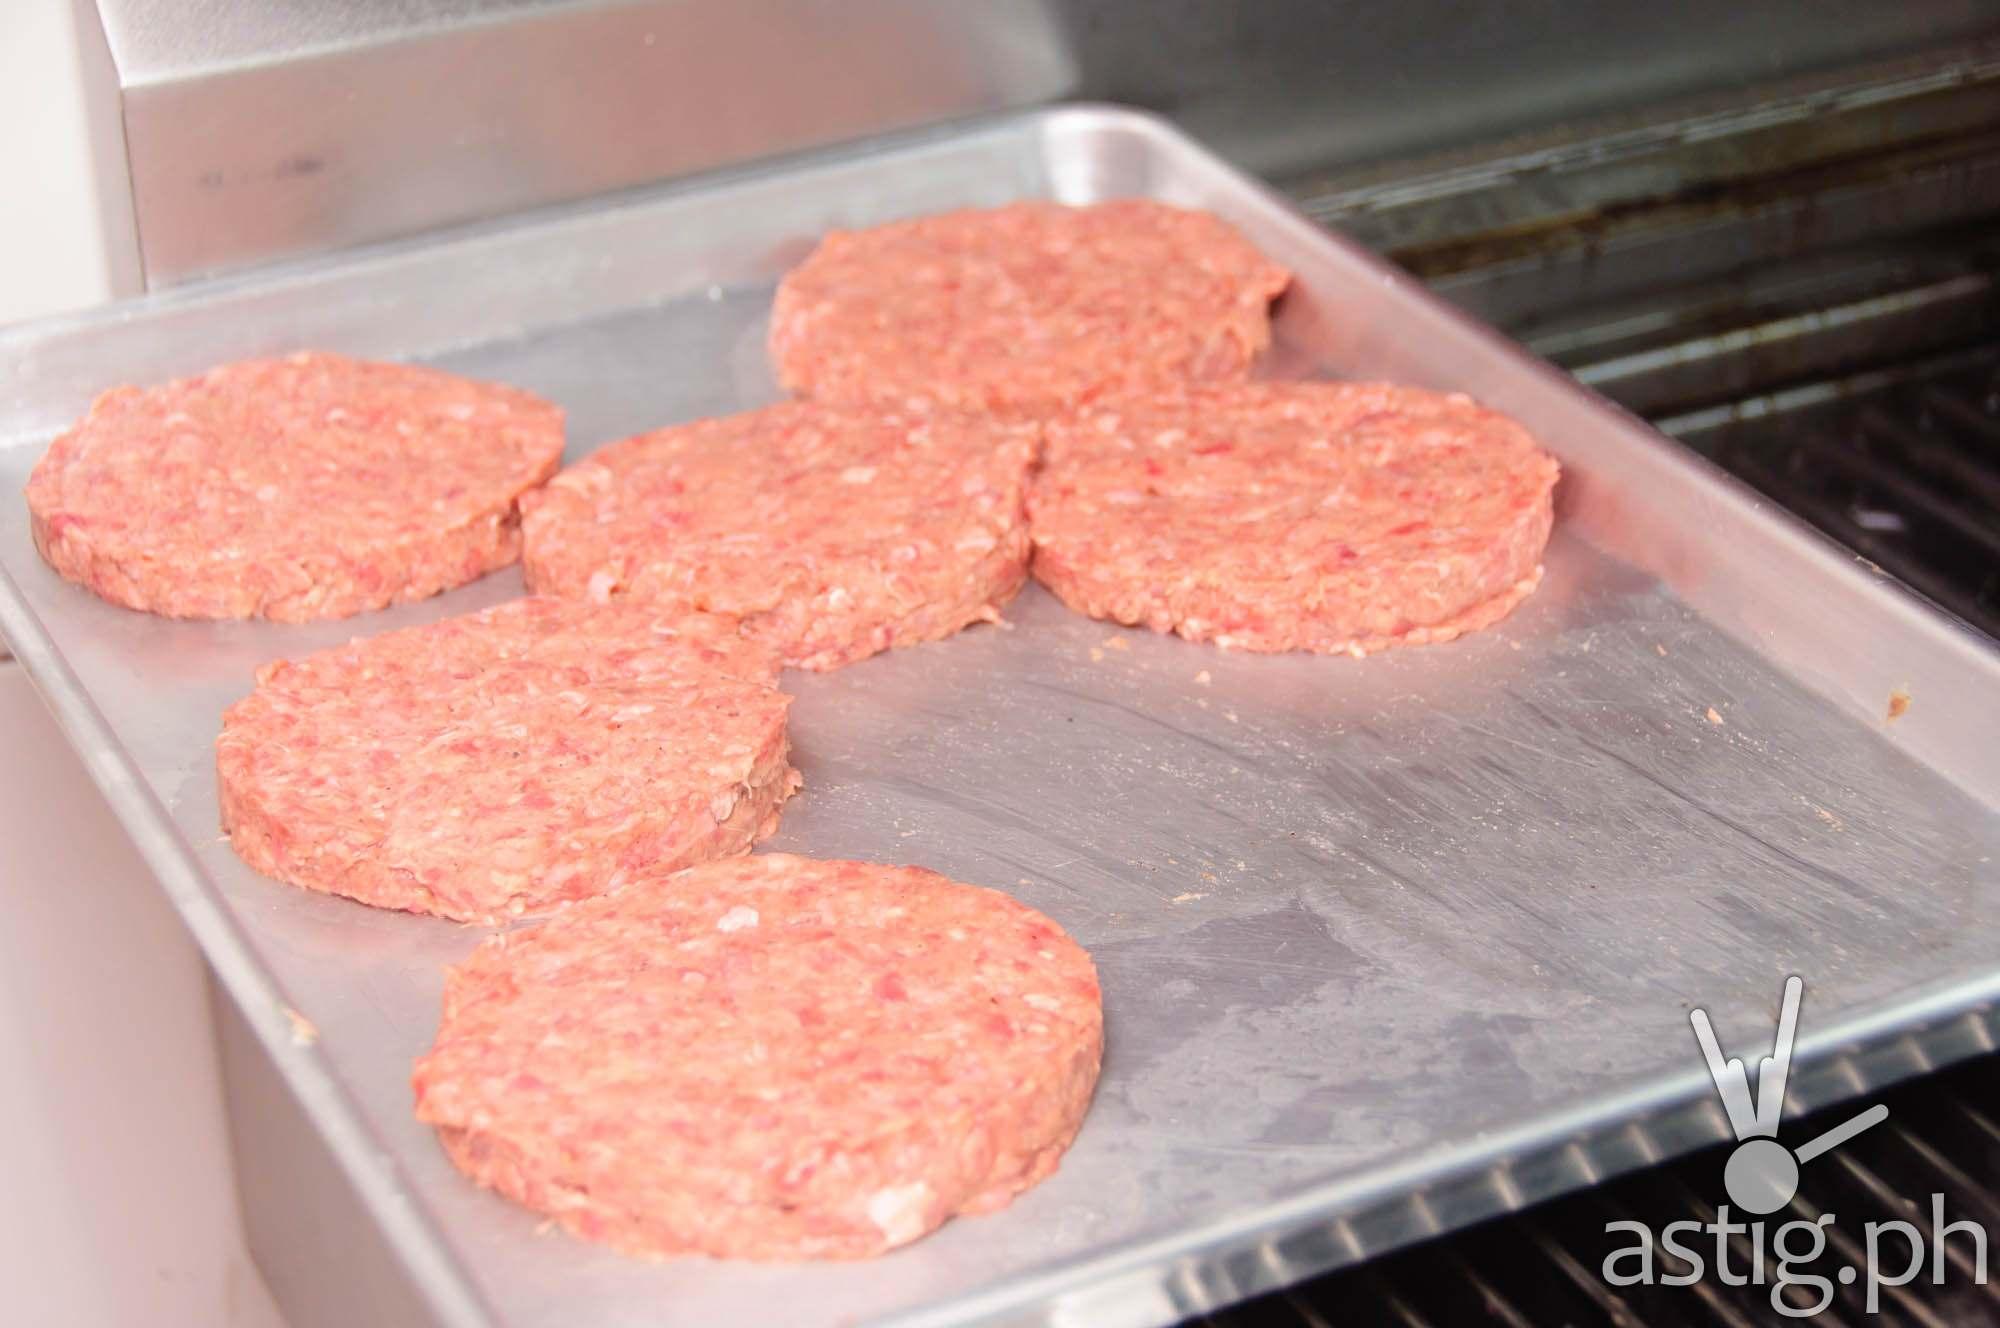 1/3 pound burger patties at Wham! Burger